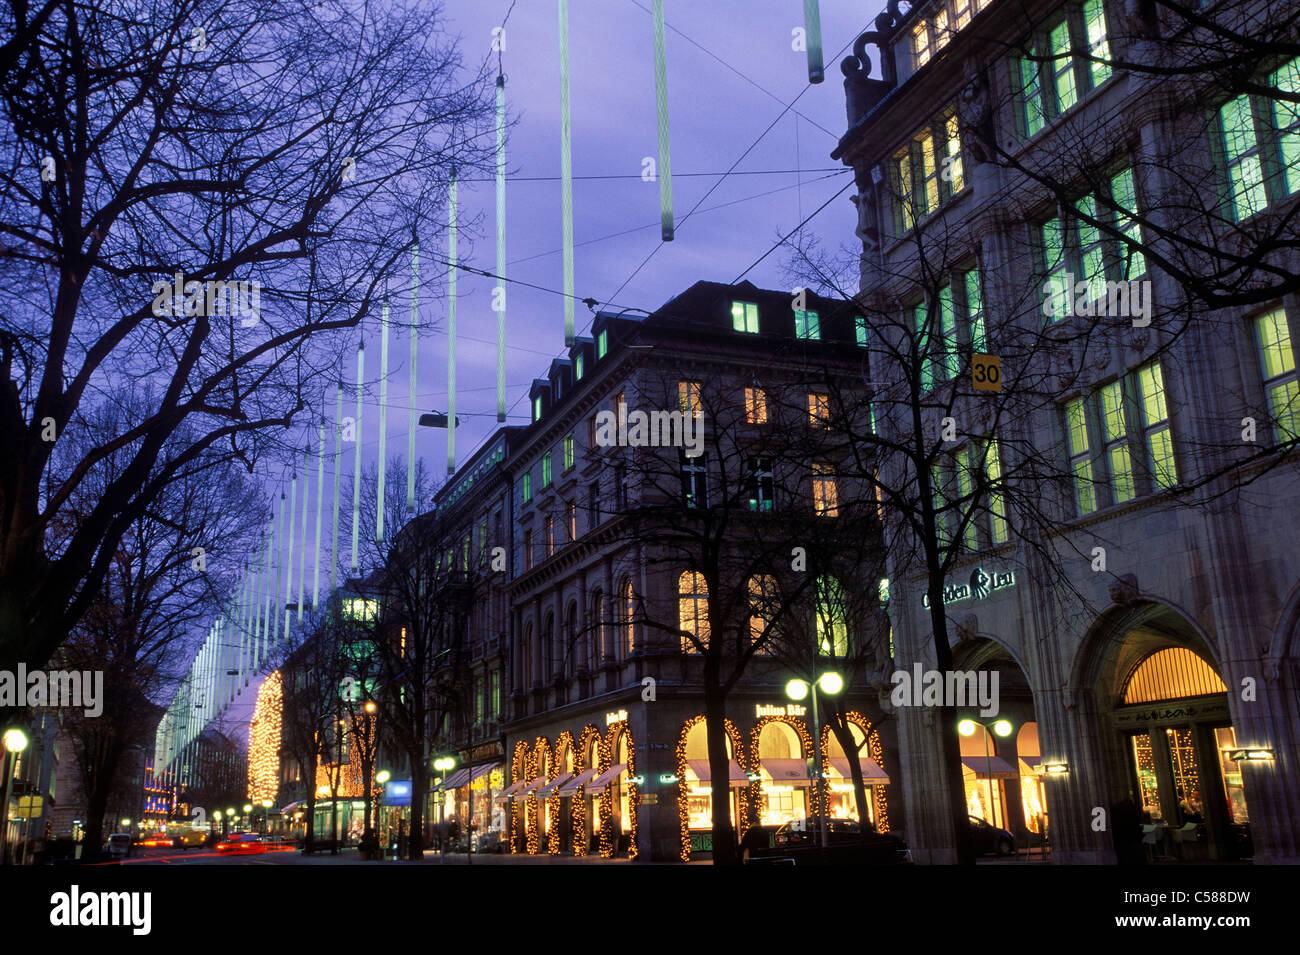 Schweiz, Europa, Gebäude, Markt, Weihnachten, Winter, Nacht ...